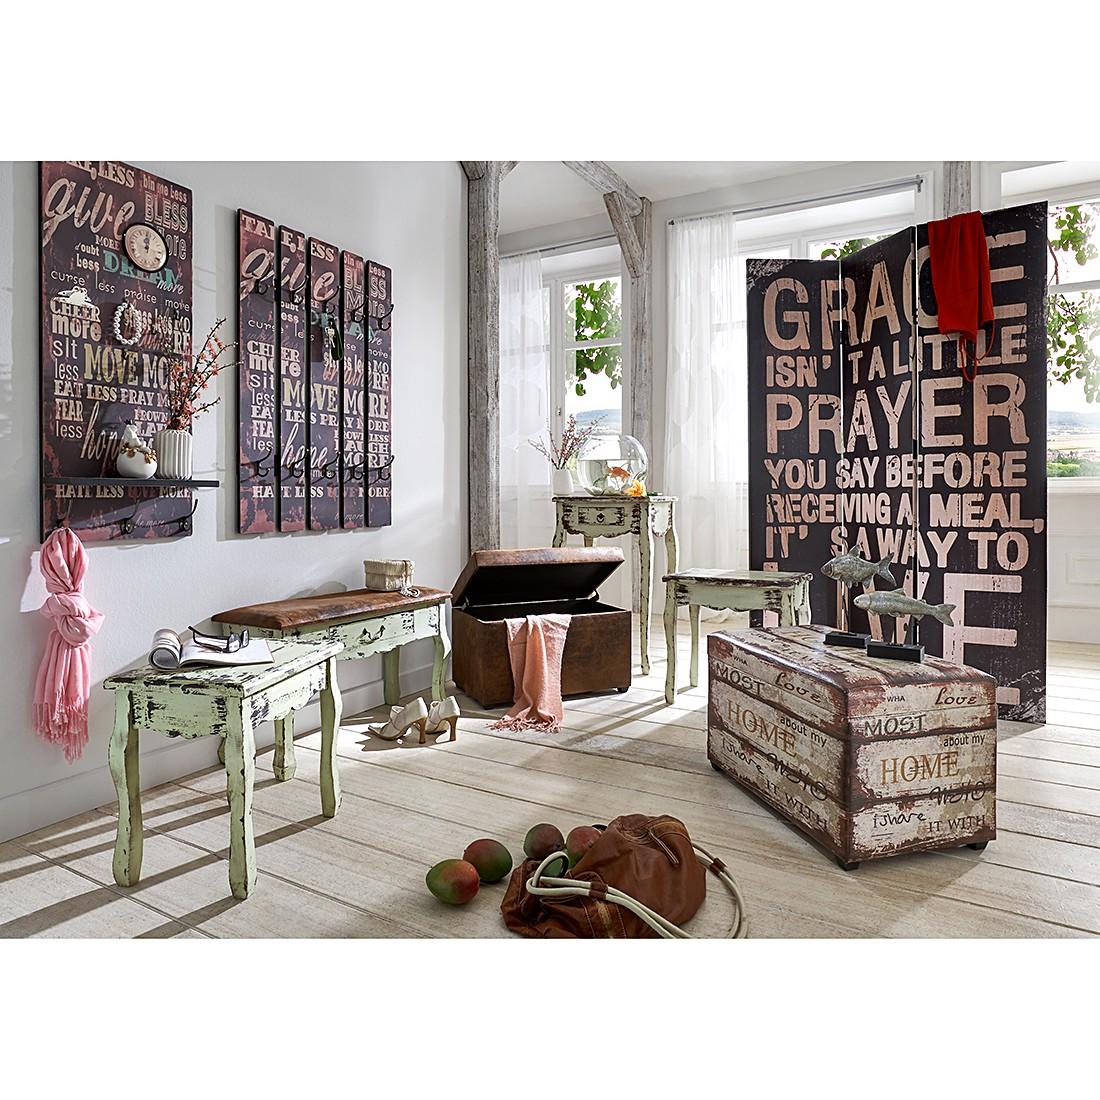 Truhe von Home Design bei Home24 bestellen | home24